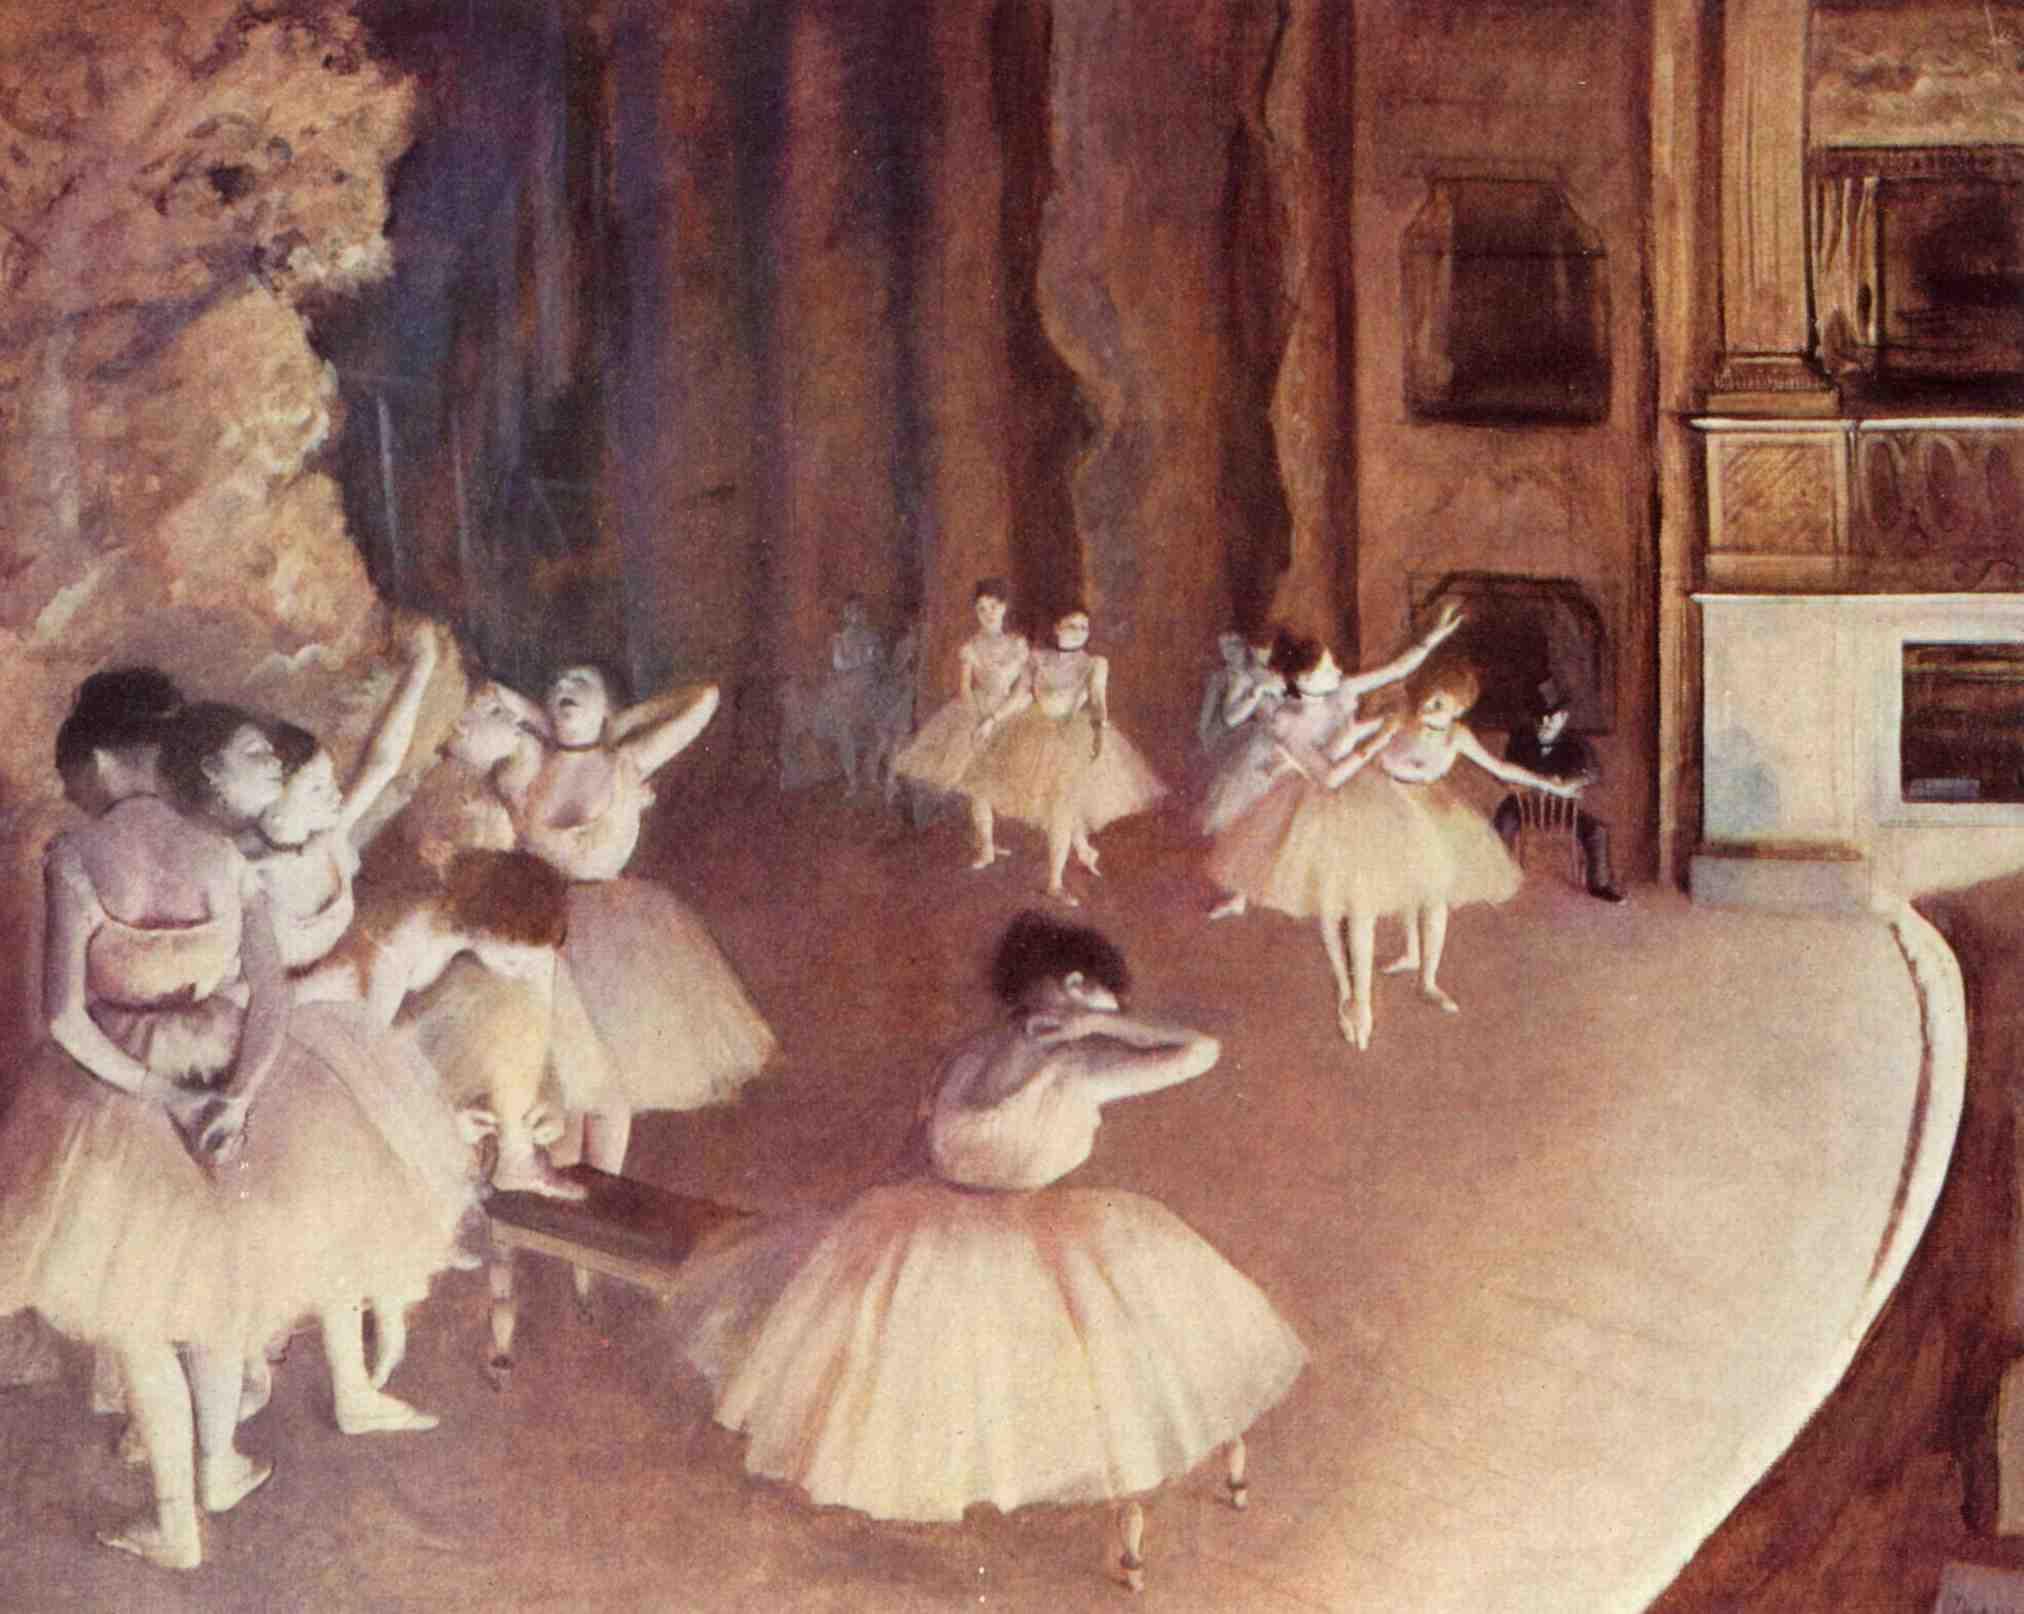 Comment avoir la grâce d'un danseur?